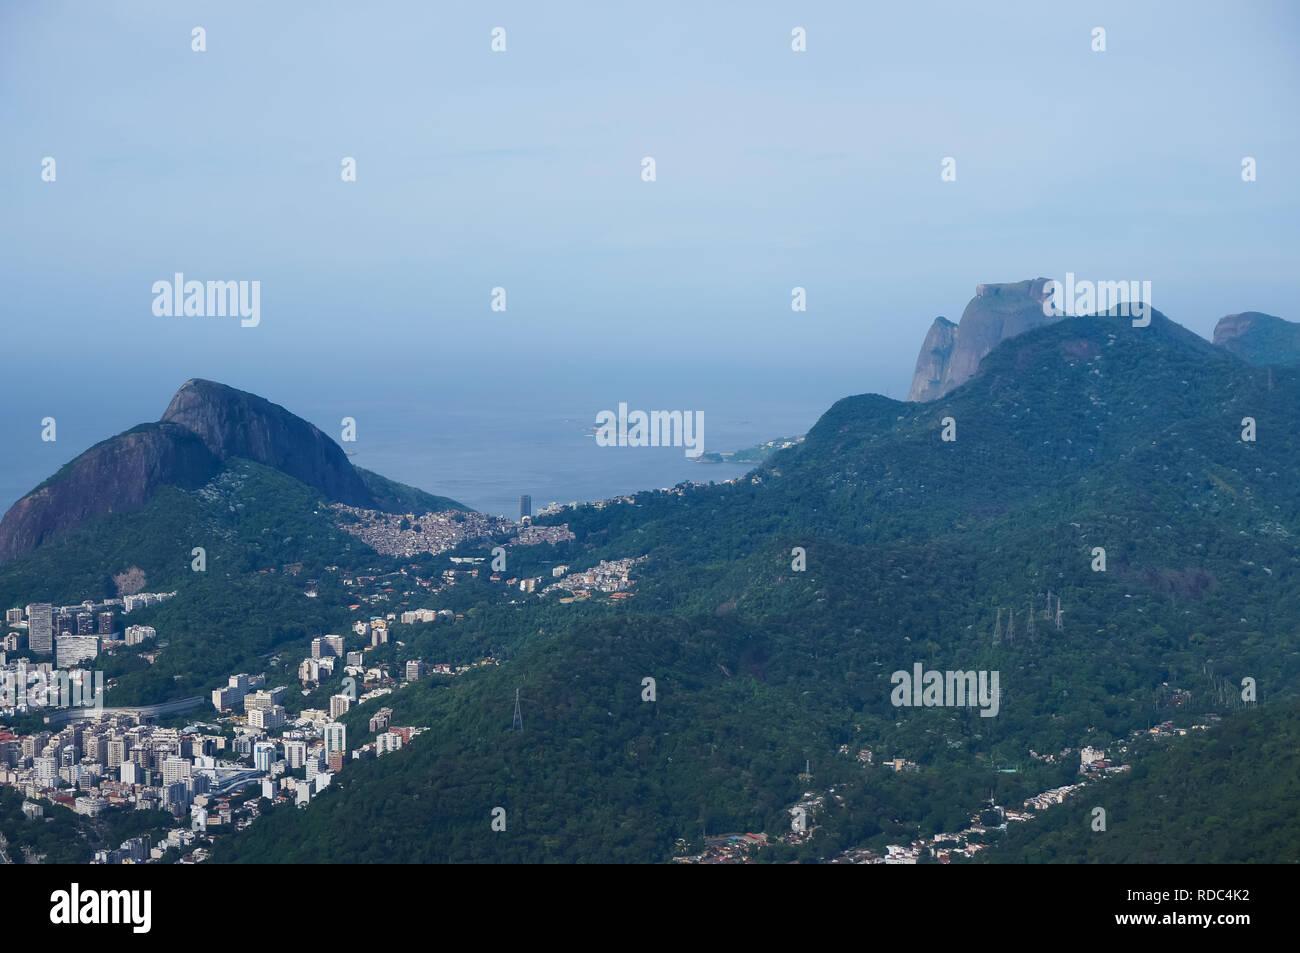 Paisaje de Morro Dois Irmaos, Rocinha, Pedra Bonita y Pedra da Gavea, Rio de Janeiro, Brasil Imagen De Stock